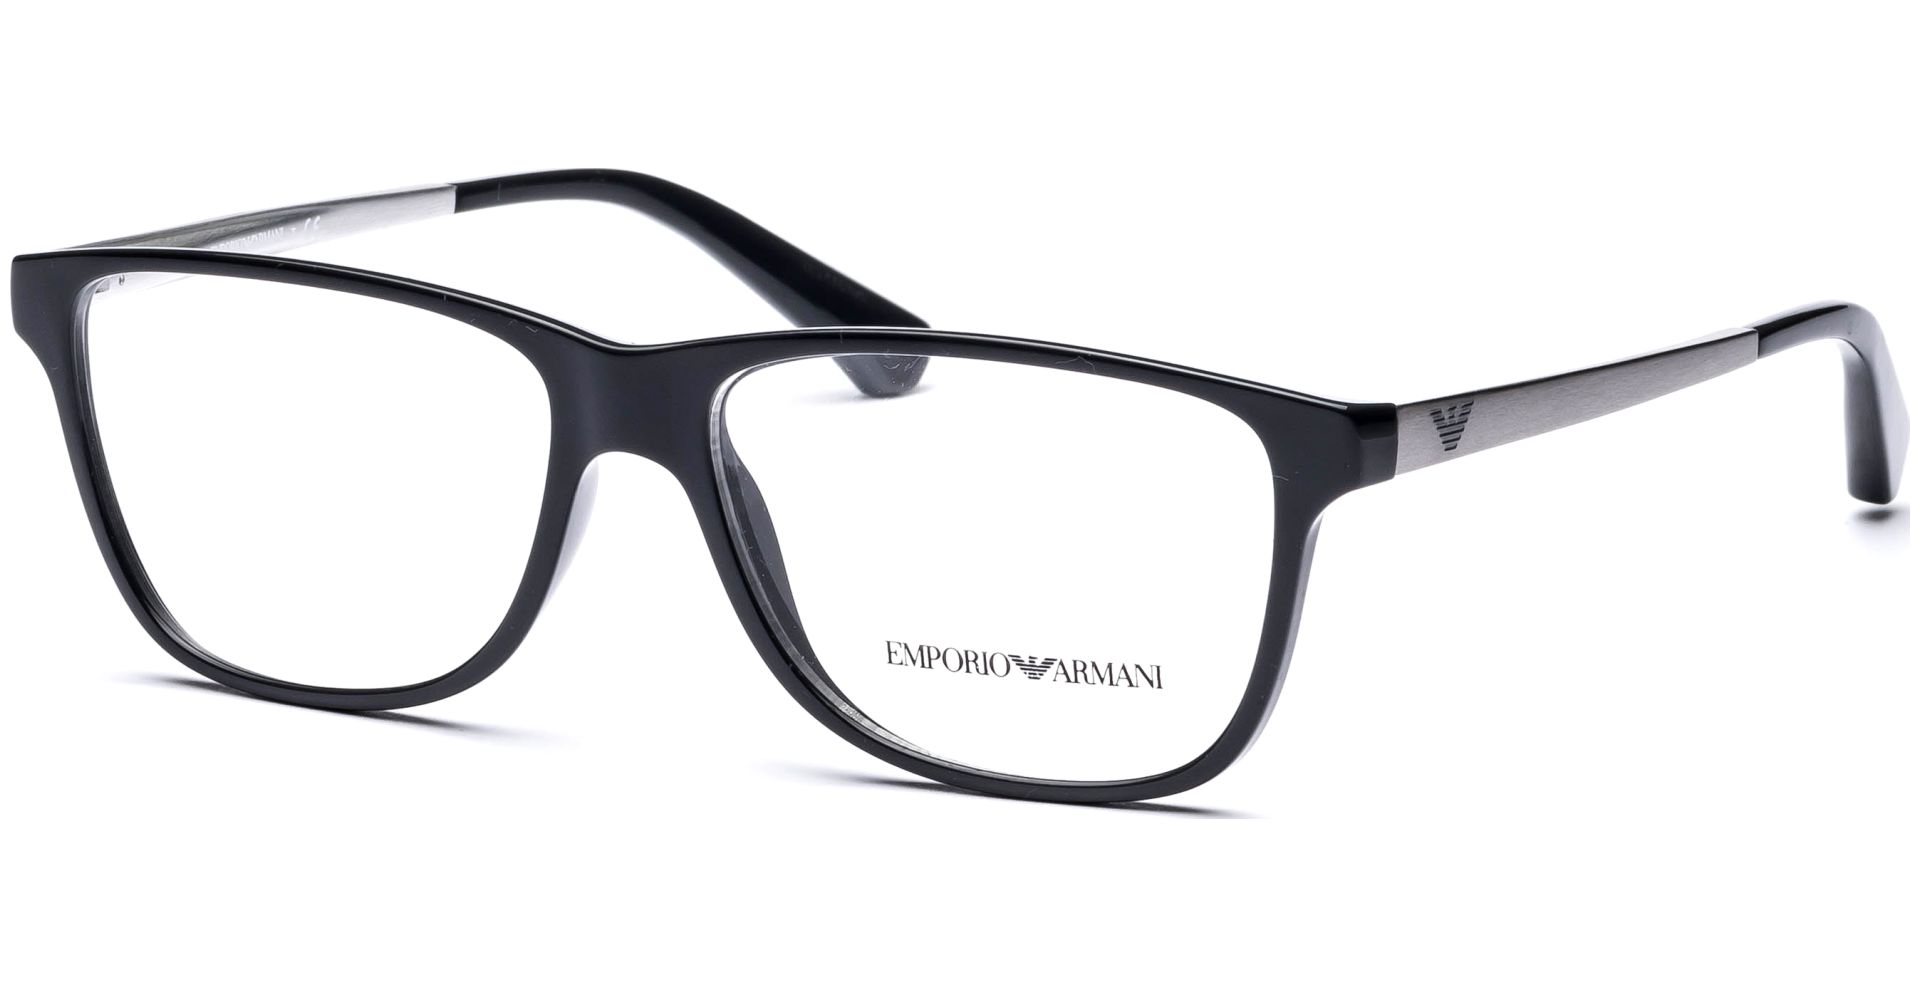 Emporio Armani - EA3025 5197 5215 Grey - von Lensbest